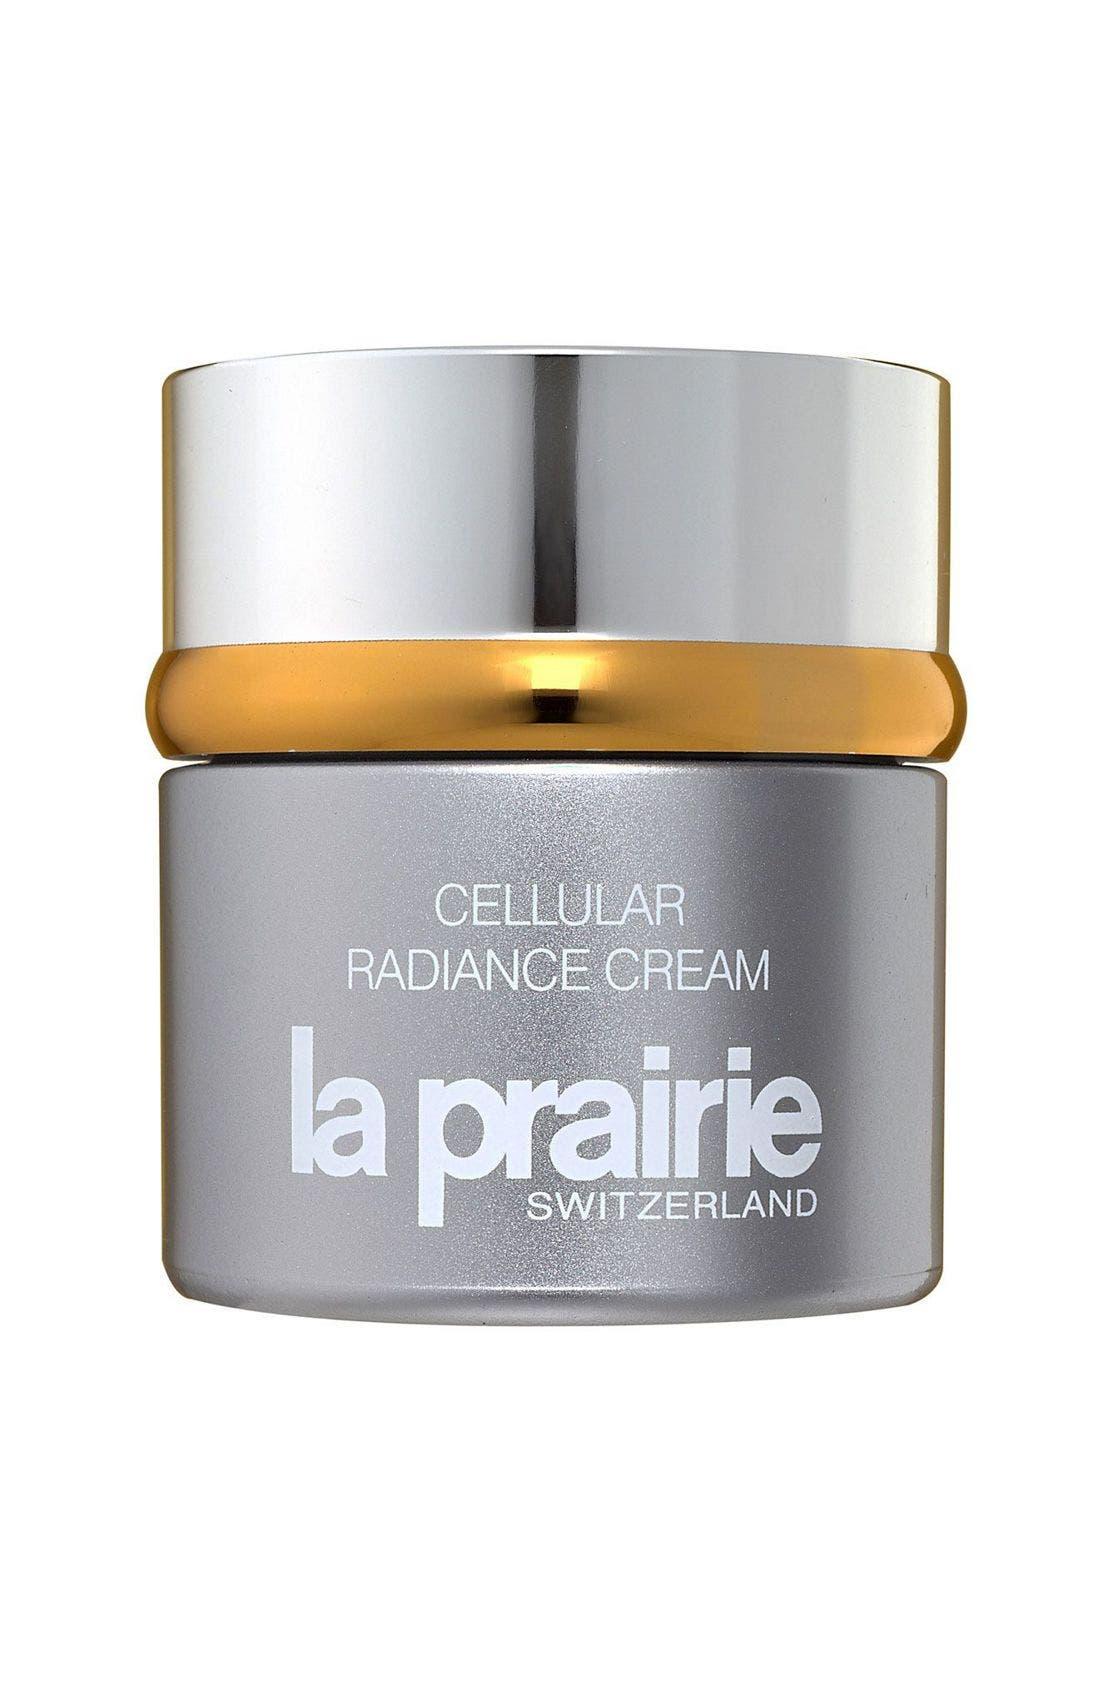 LA PRAIRIE,                             Cellular Radiance Cream,                             Main thumbnail 1, color,                             NO COLOR